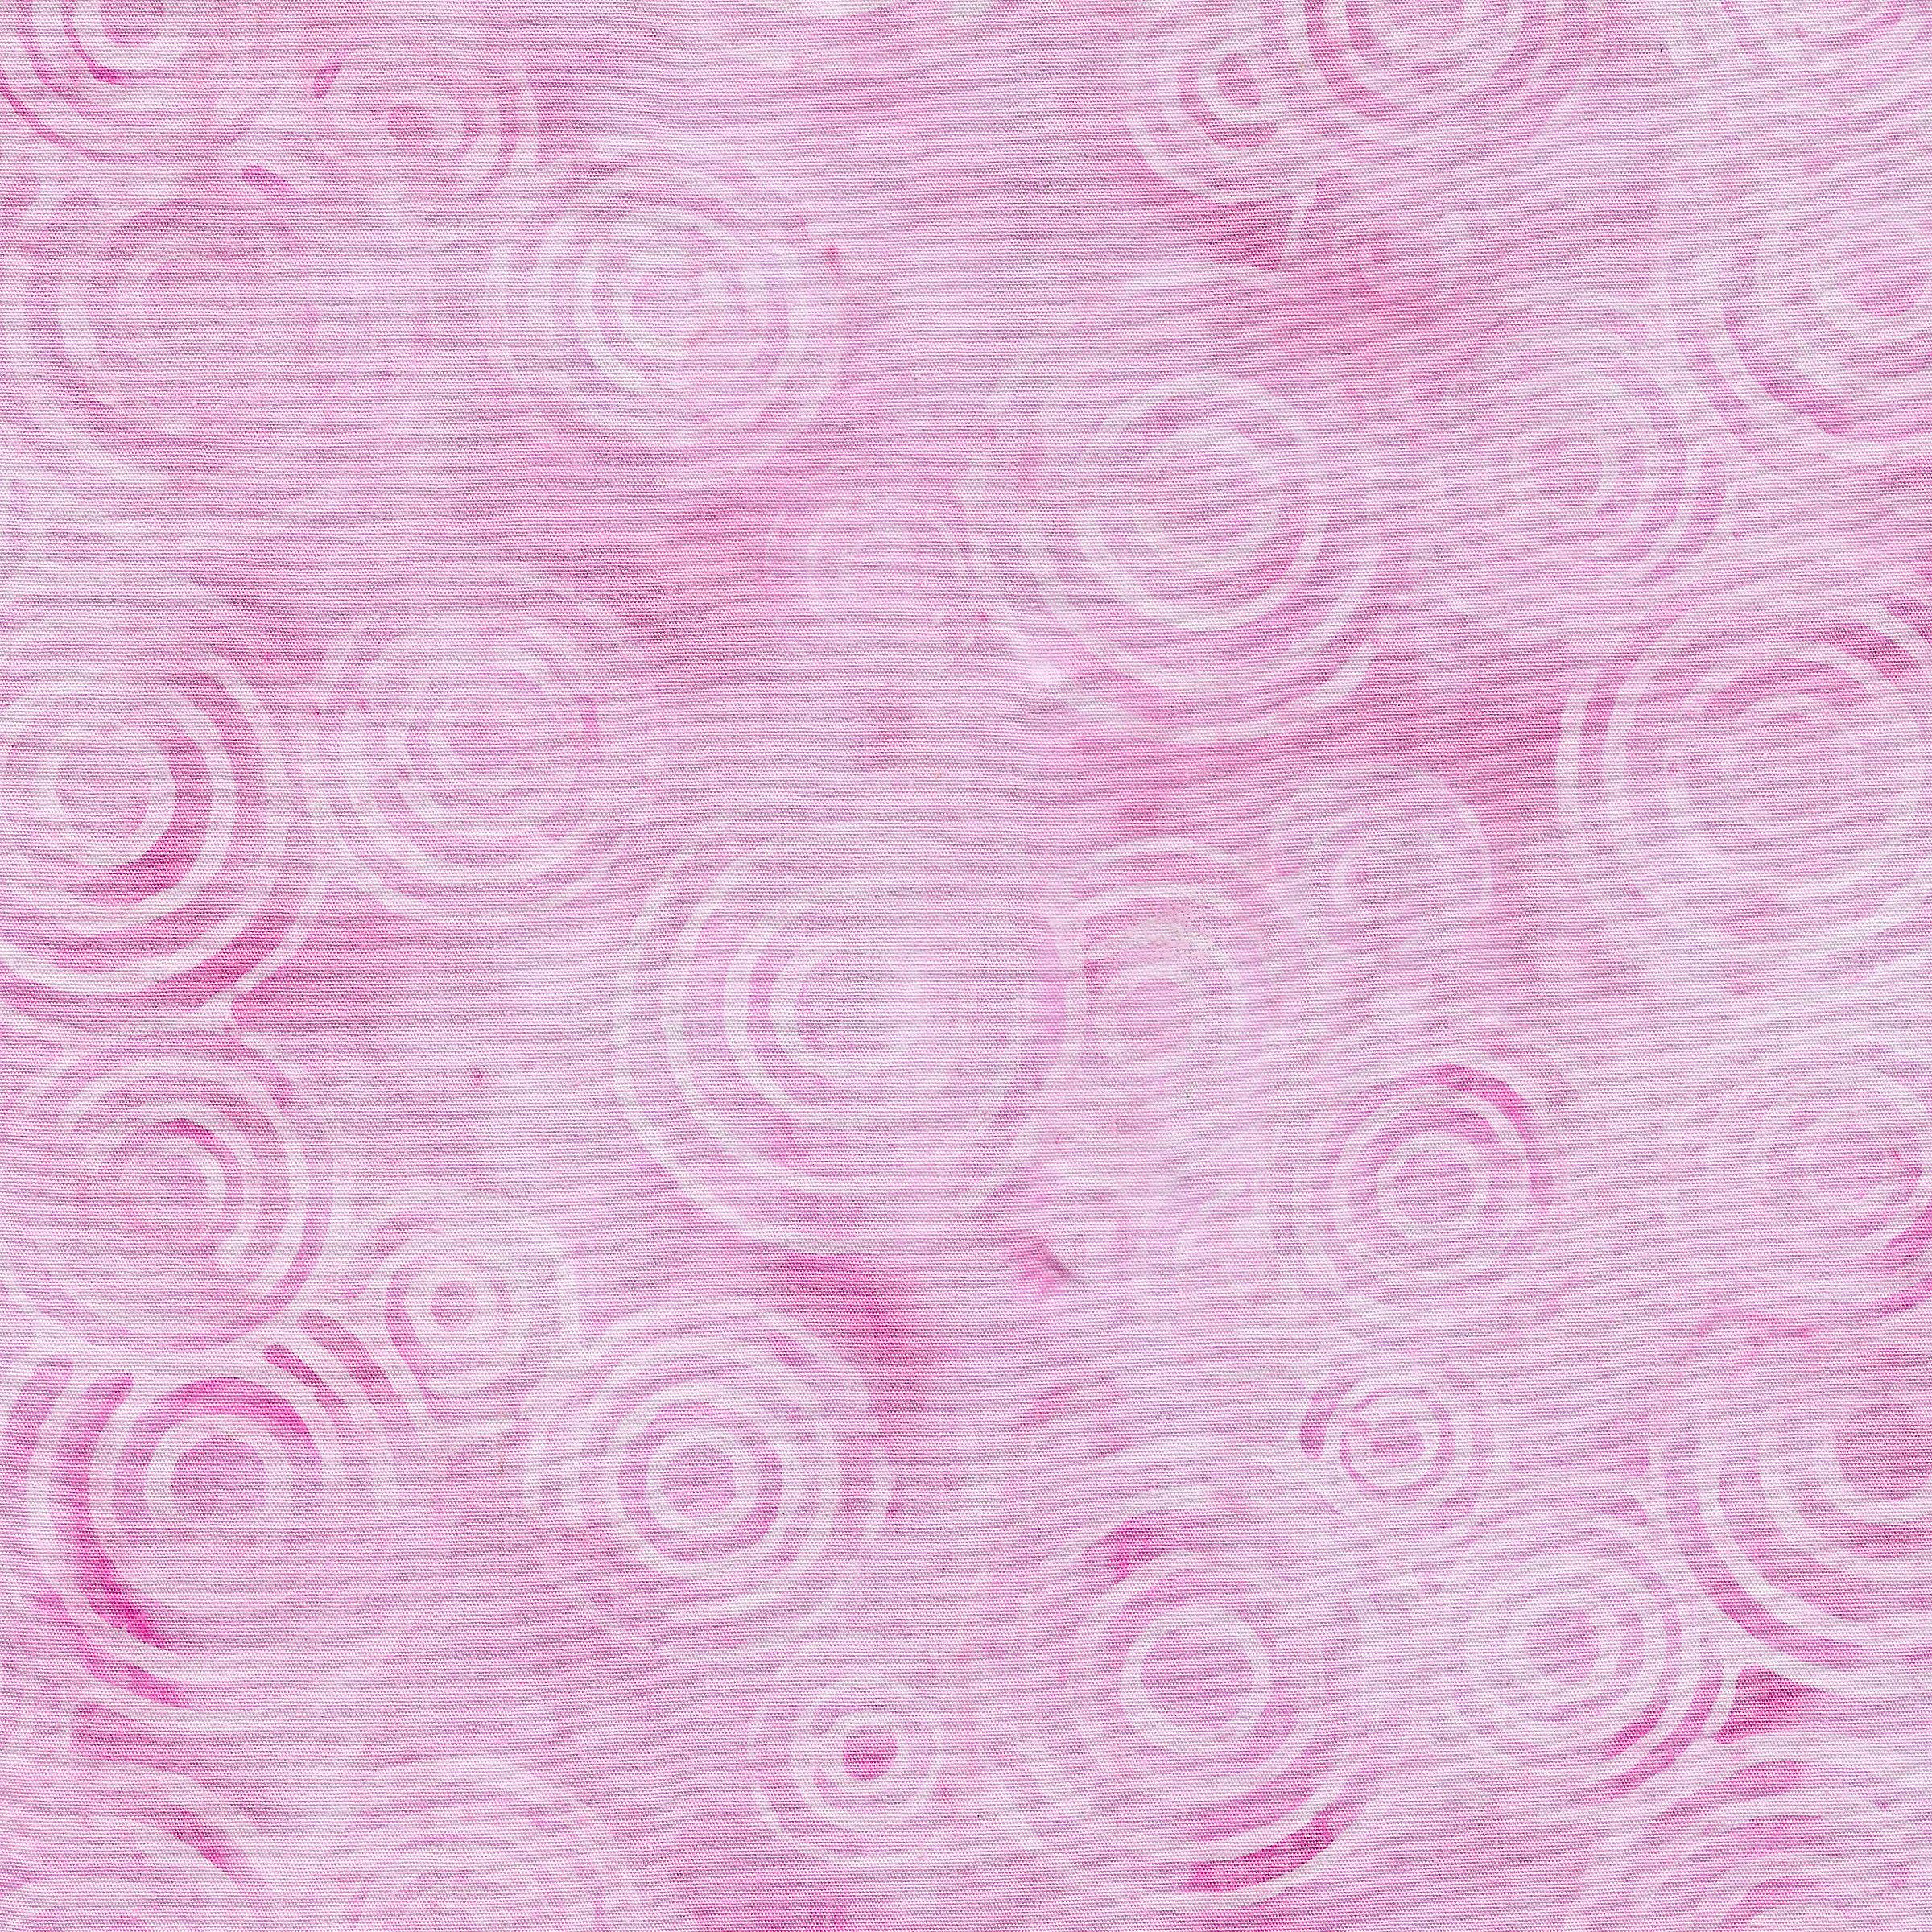 Island Batik 711906310 Circles Carnation Tweet